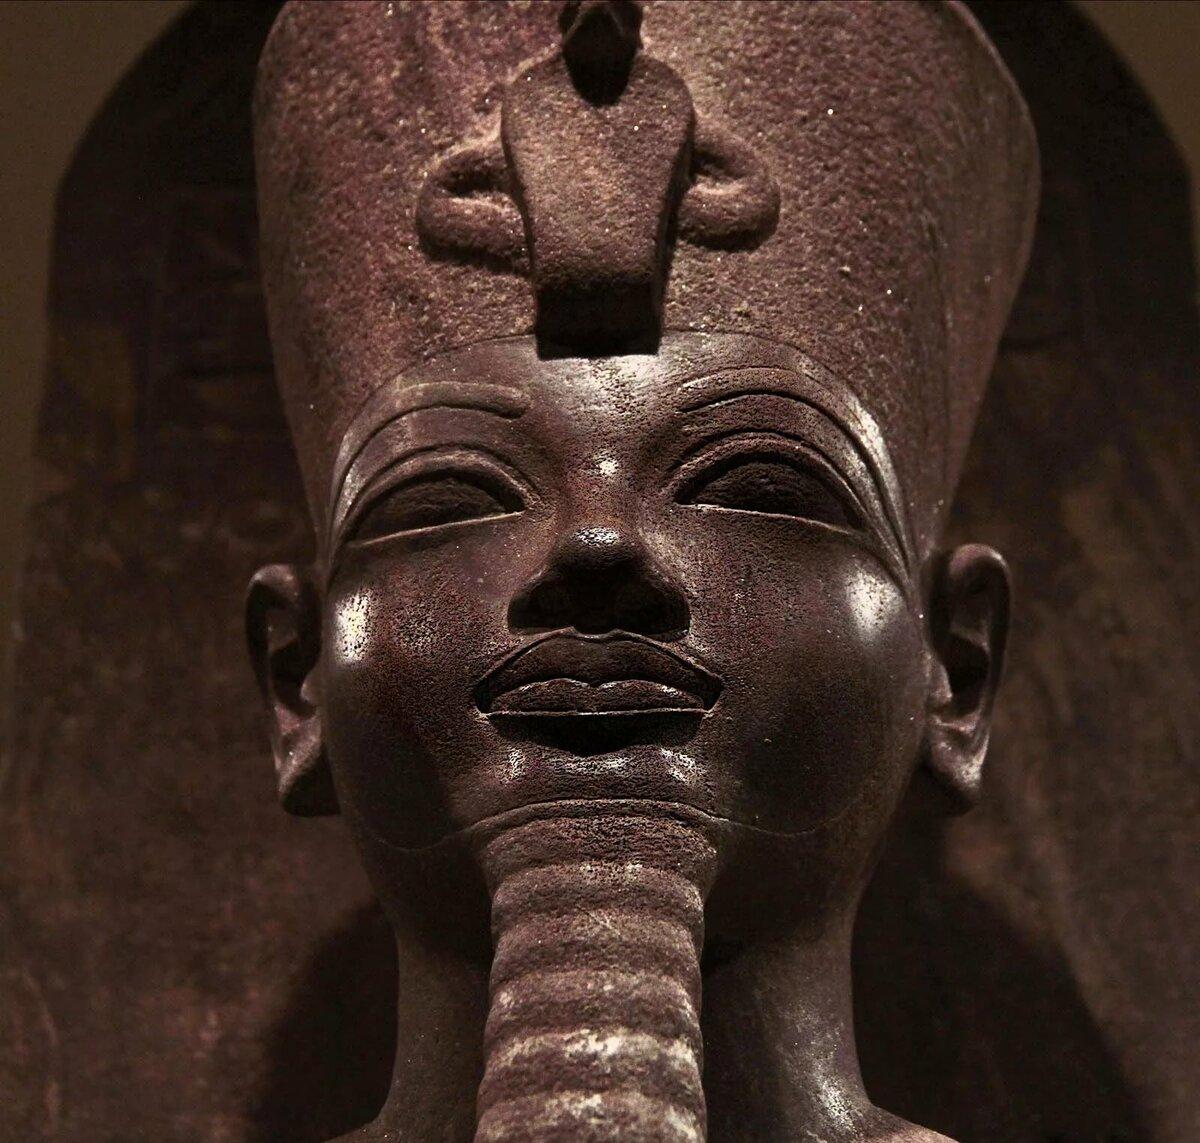 год картинки фараонов древнего египта бонус-кот, получили доступ